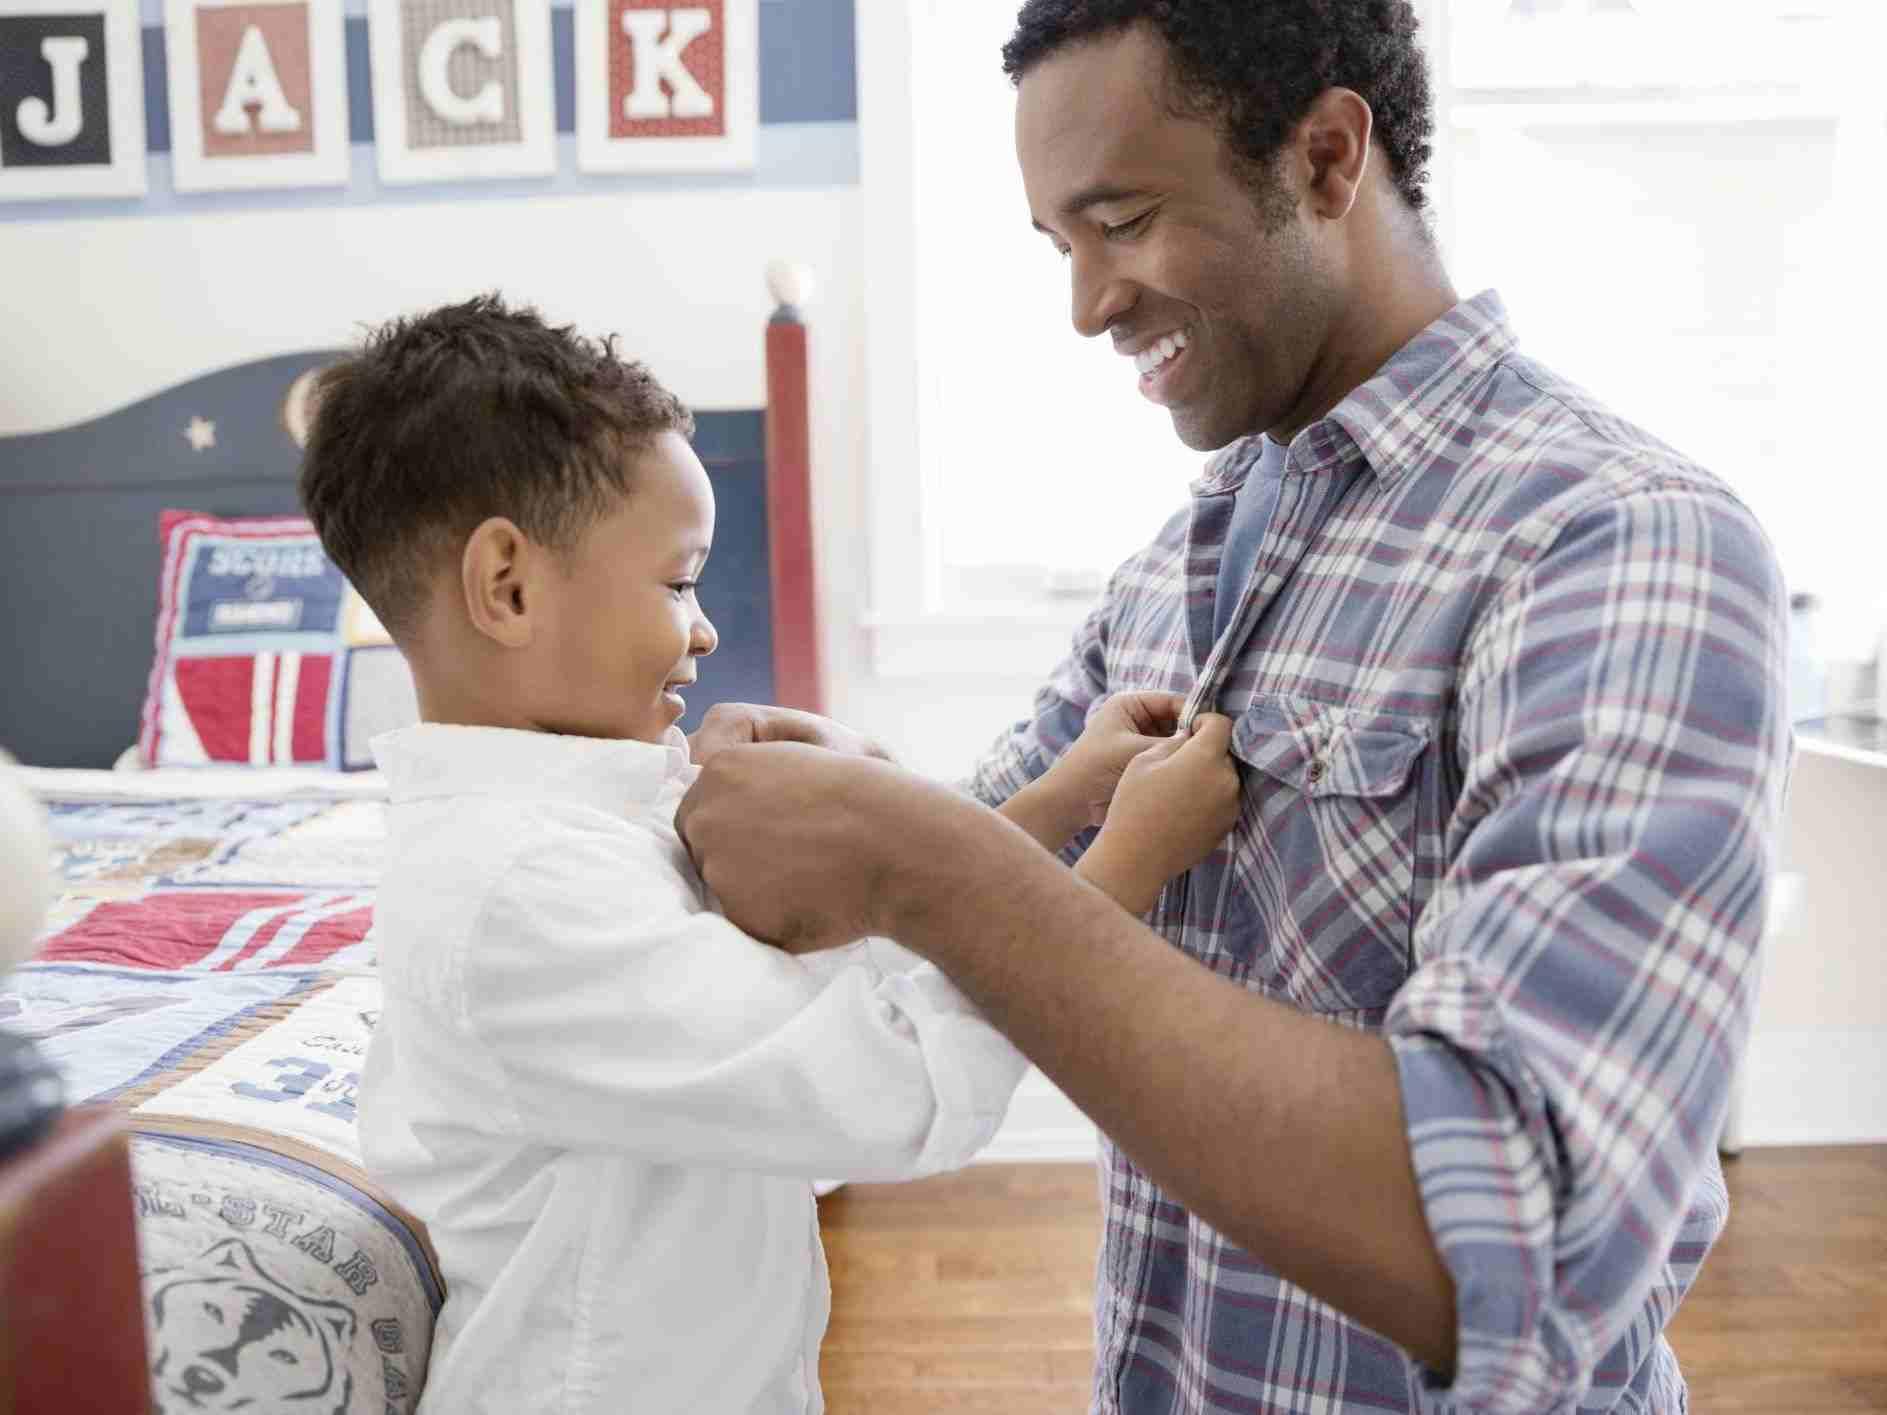 افزایش مسئولیت پذیری در کودکان